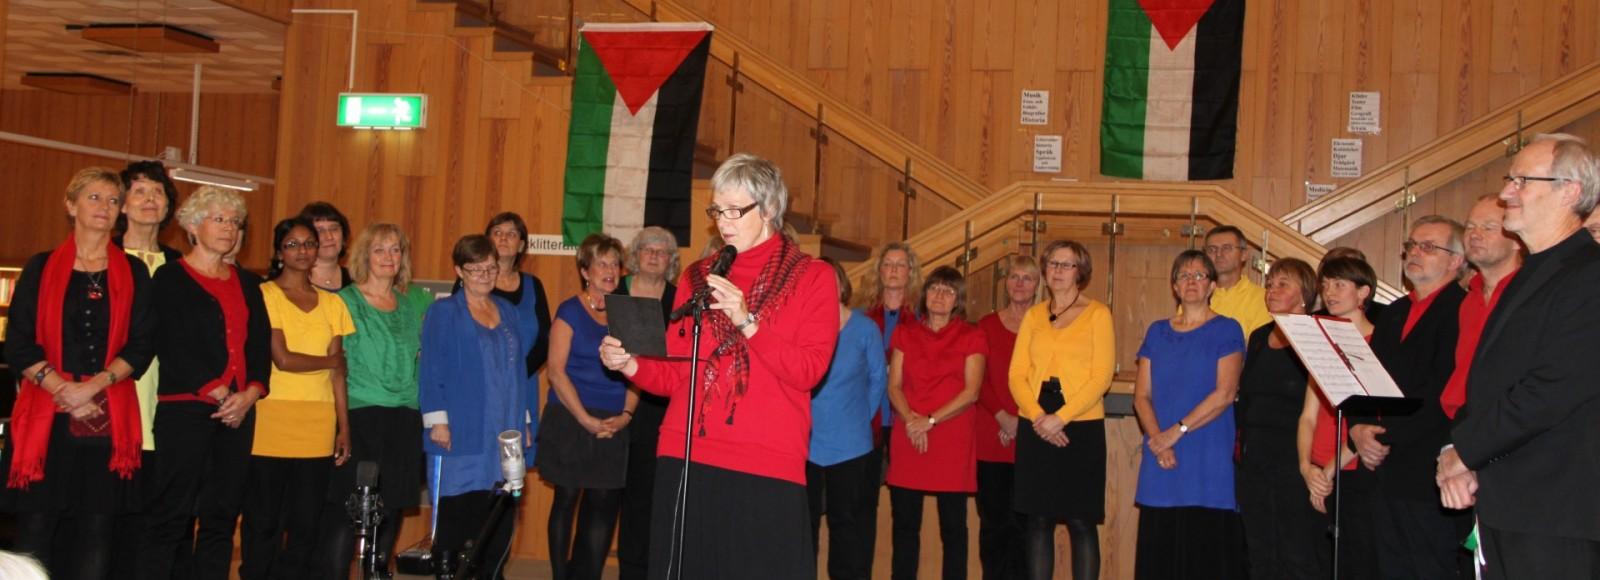 2012 från konsert på Biblioteket efter Palestinaresa